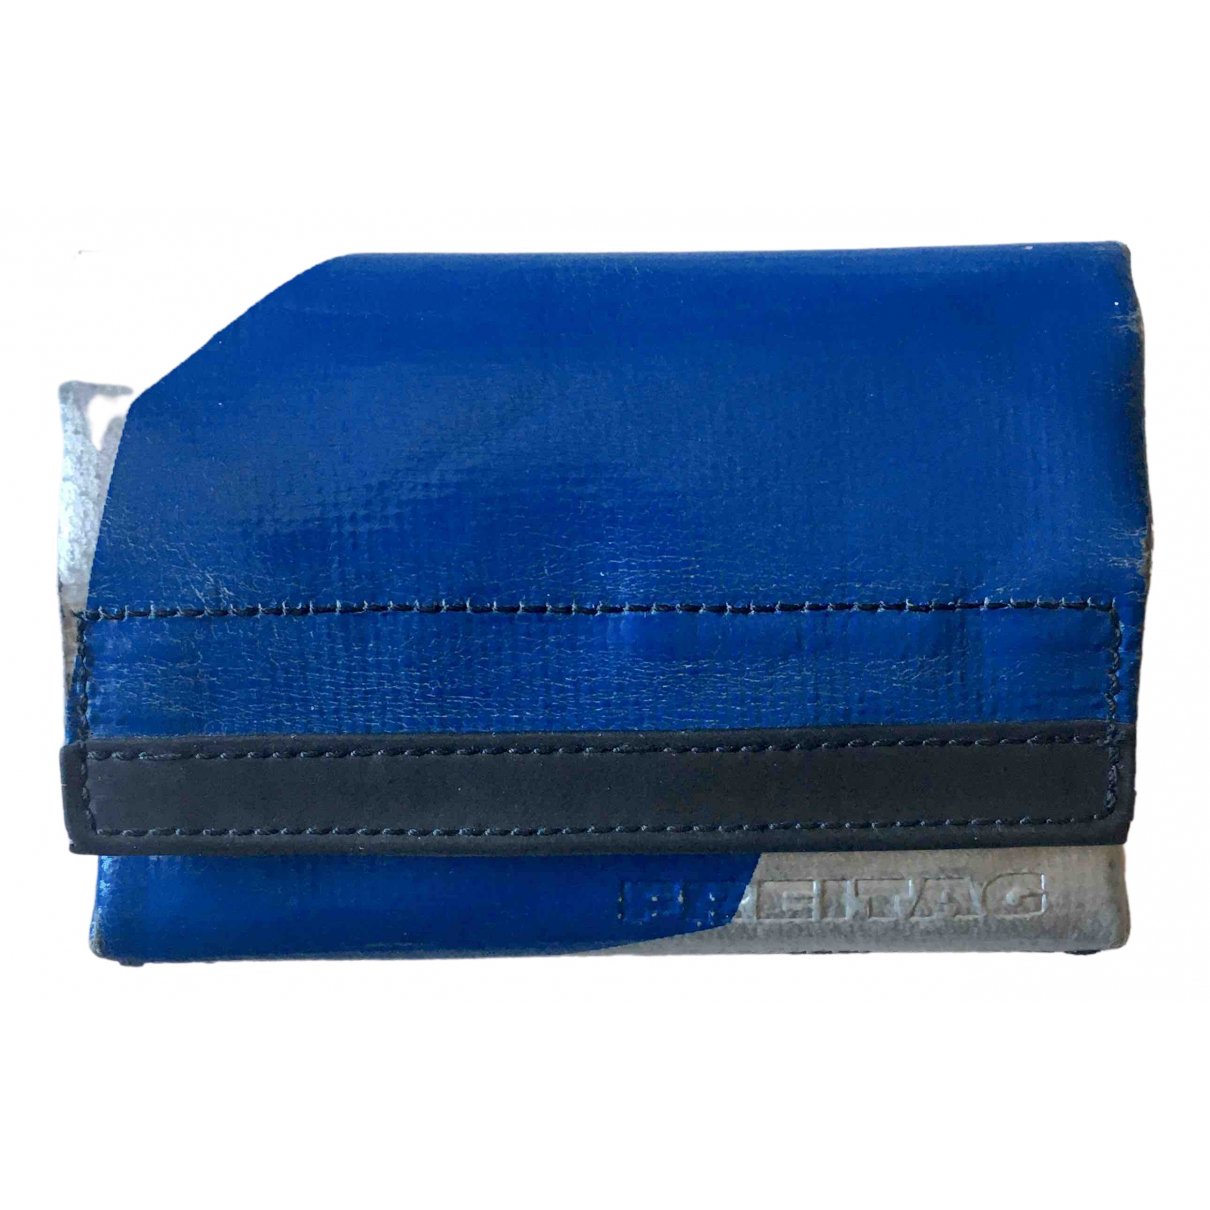 Freitag - Portefeuille   pour femme en cuir - bleu